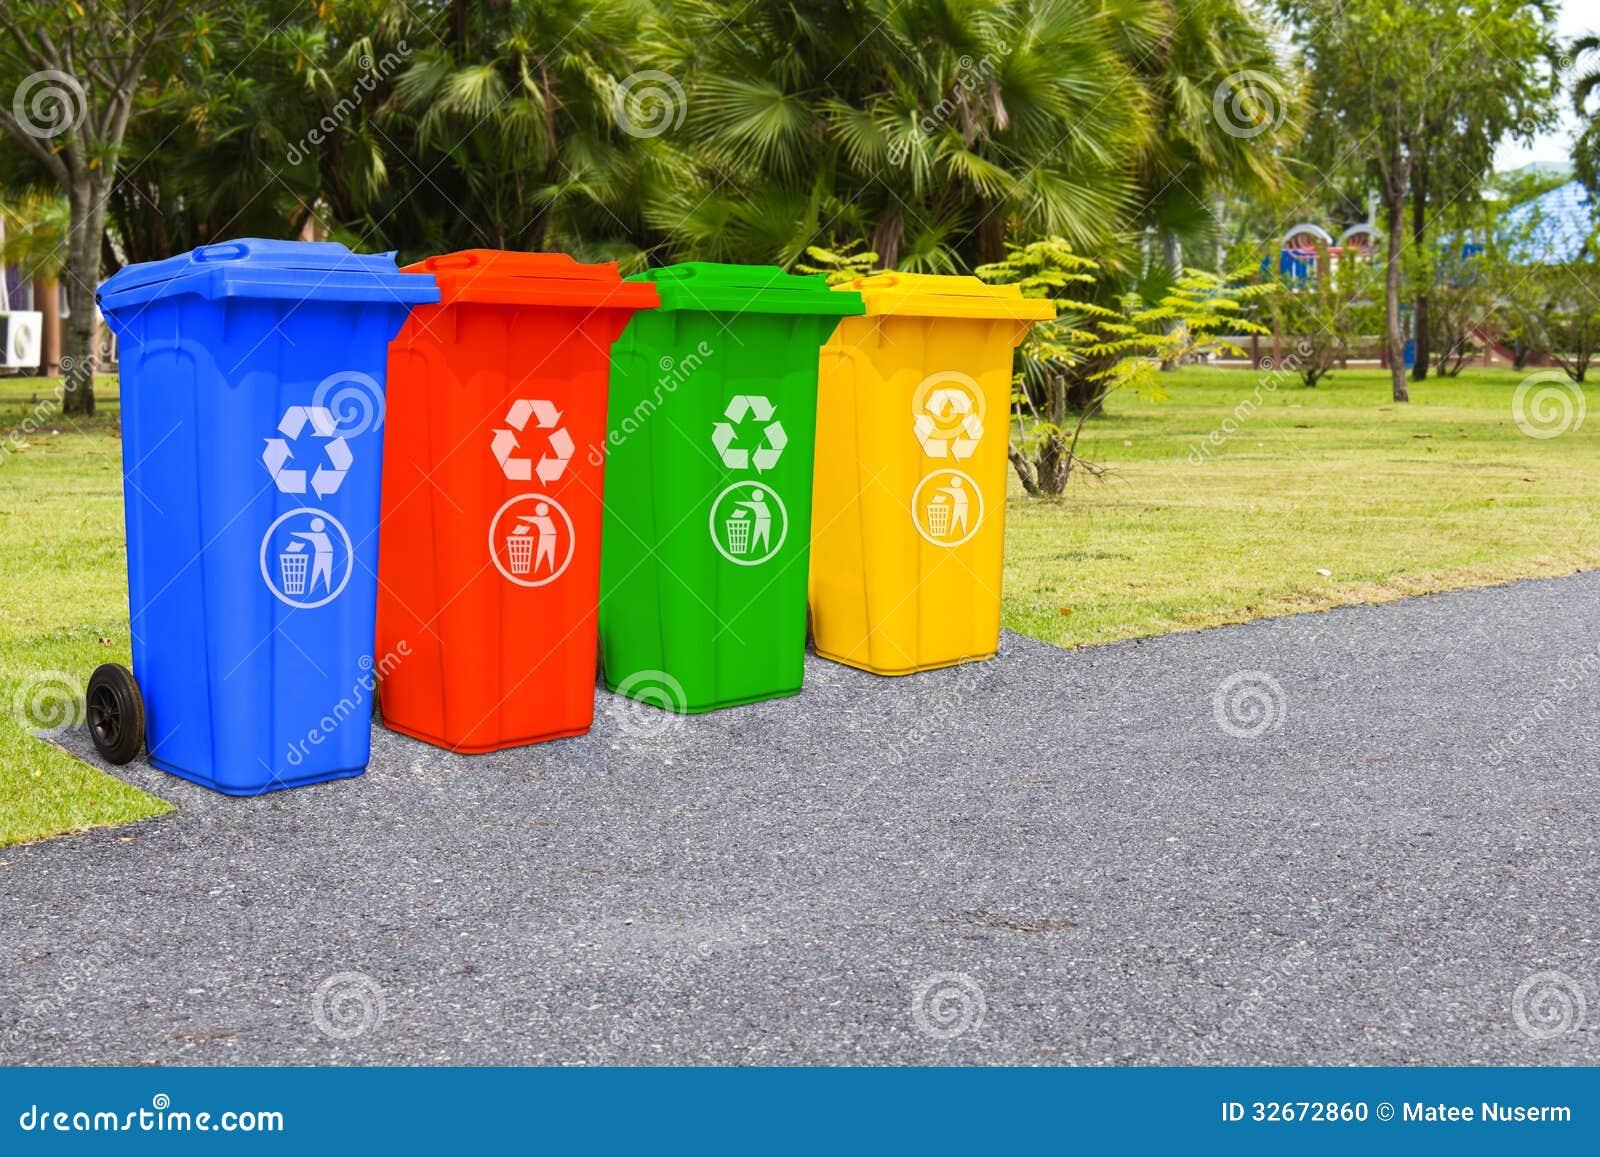 Quatre poubelles de couleur photo stock image 32672860 - Poubelle cuisine couleur jaune ...